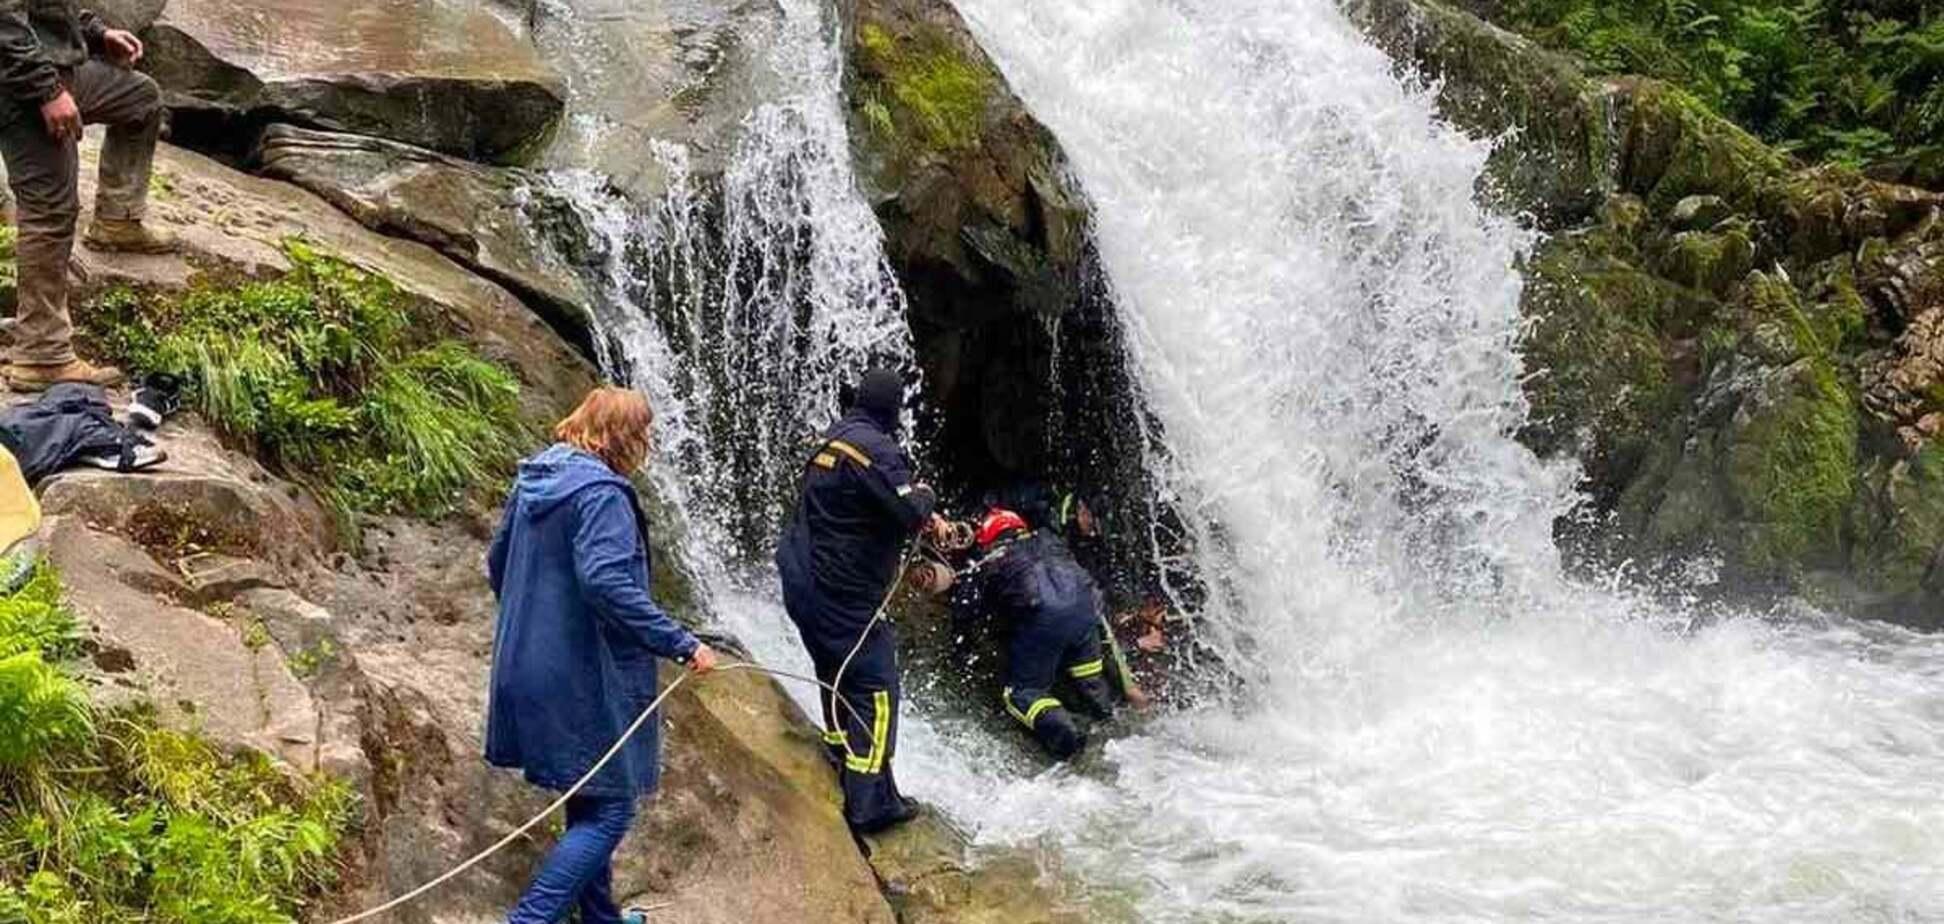 Львівський школяр загинув через селфі на водоспаді під час екскурсії, двоє вчителів у лікарні